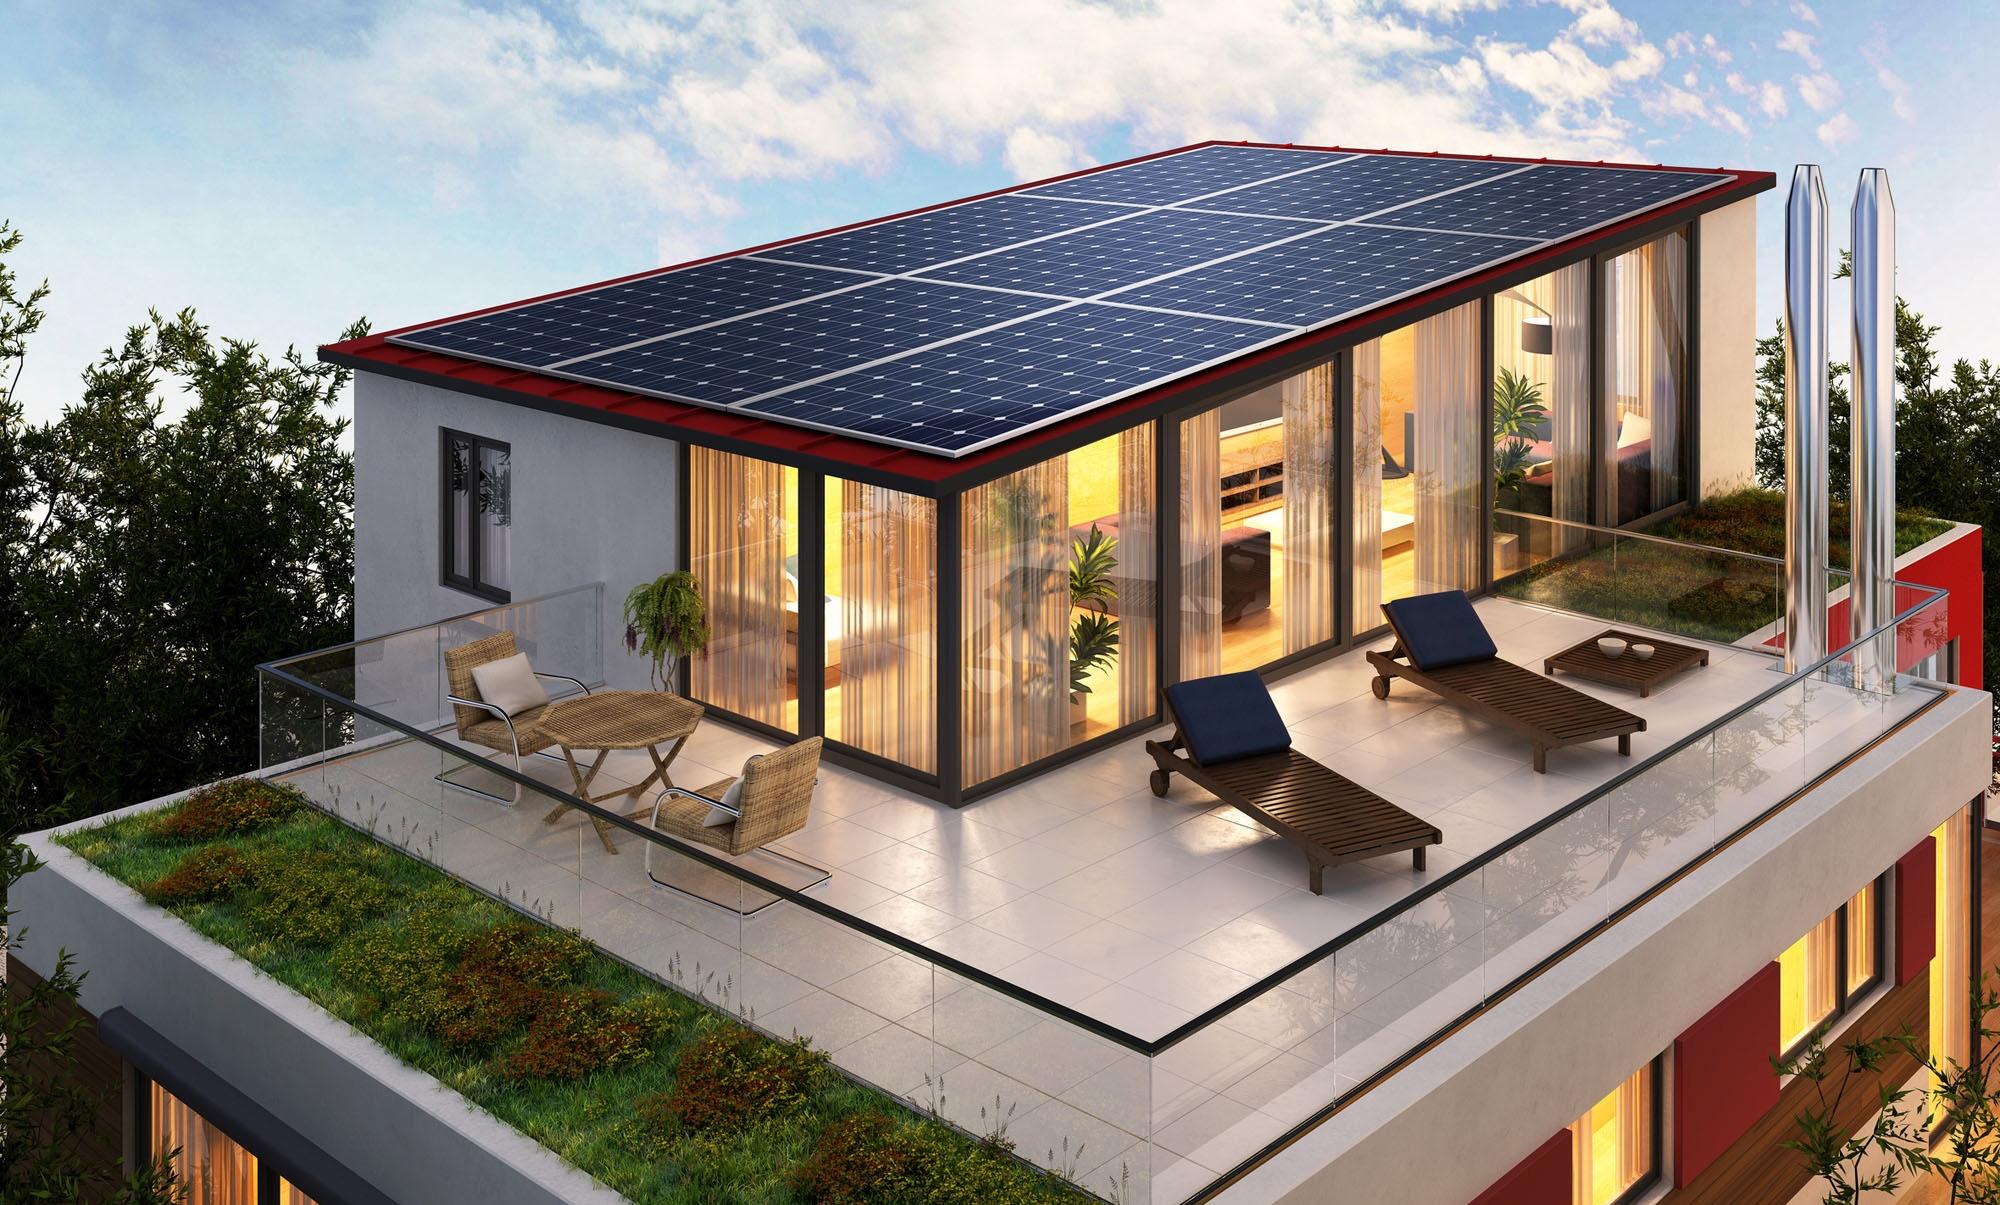 Dachterrasse mit Solaranlage